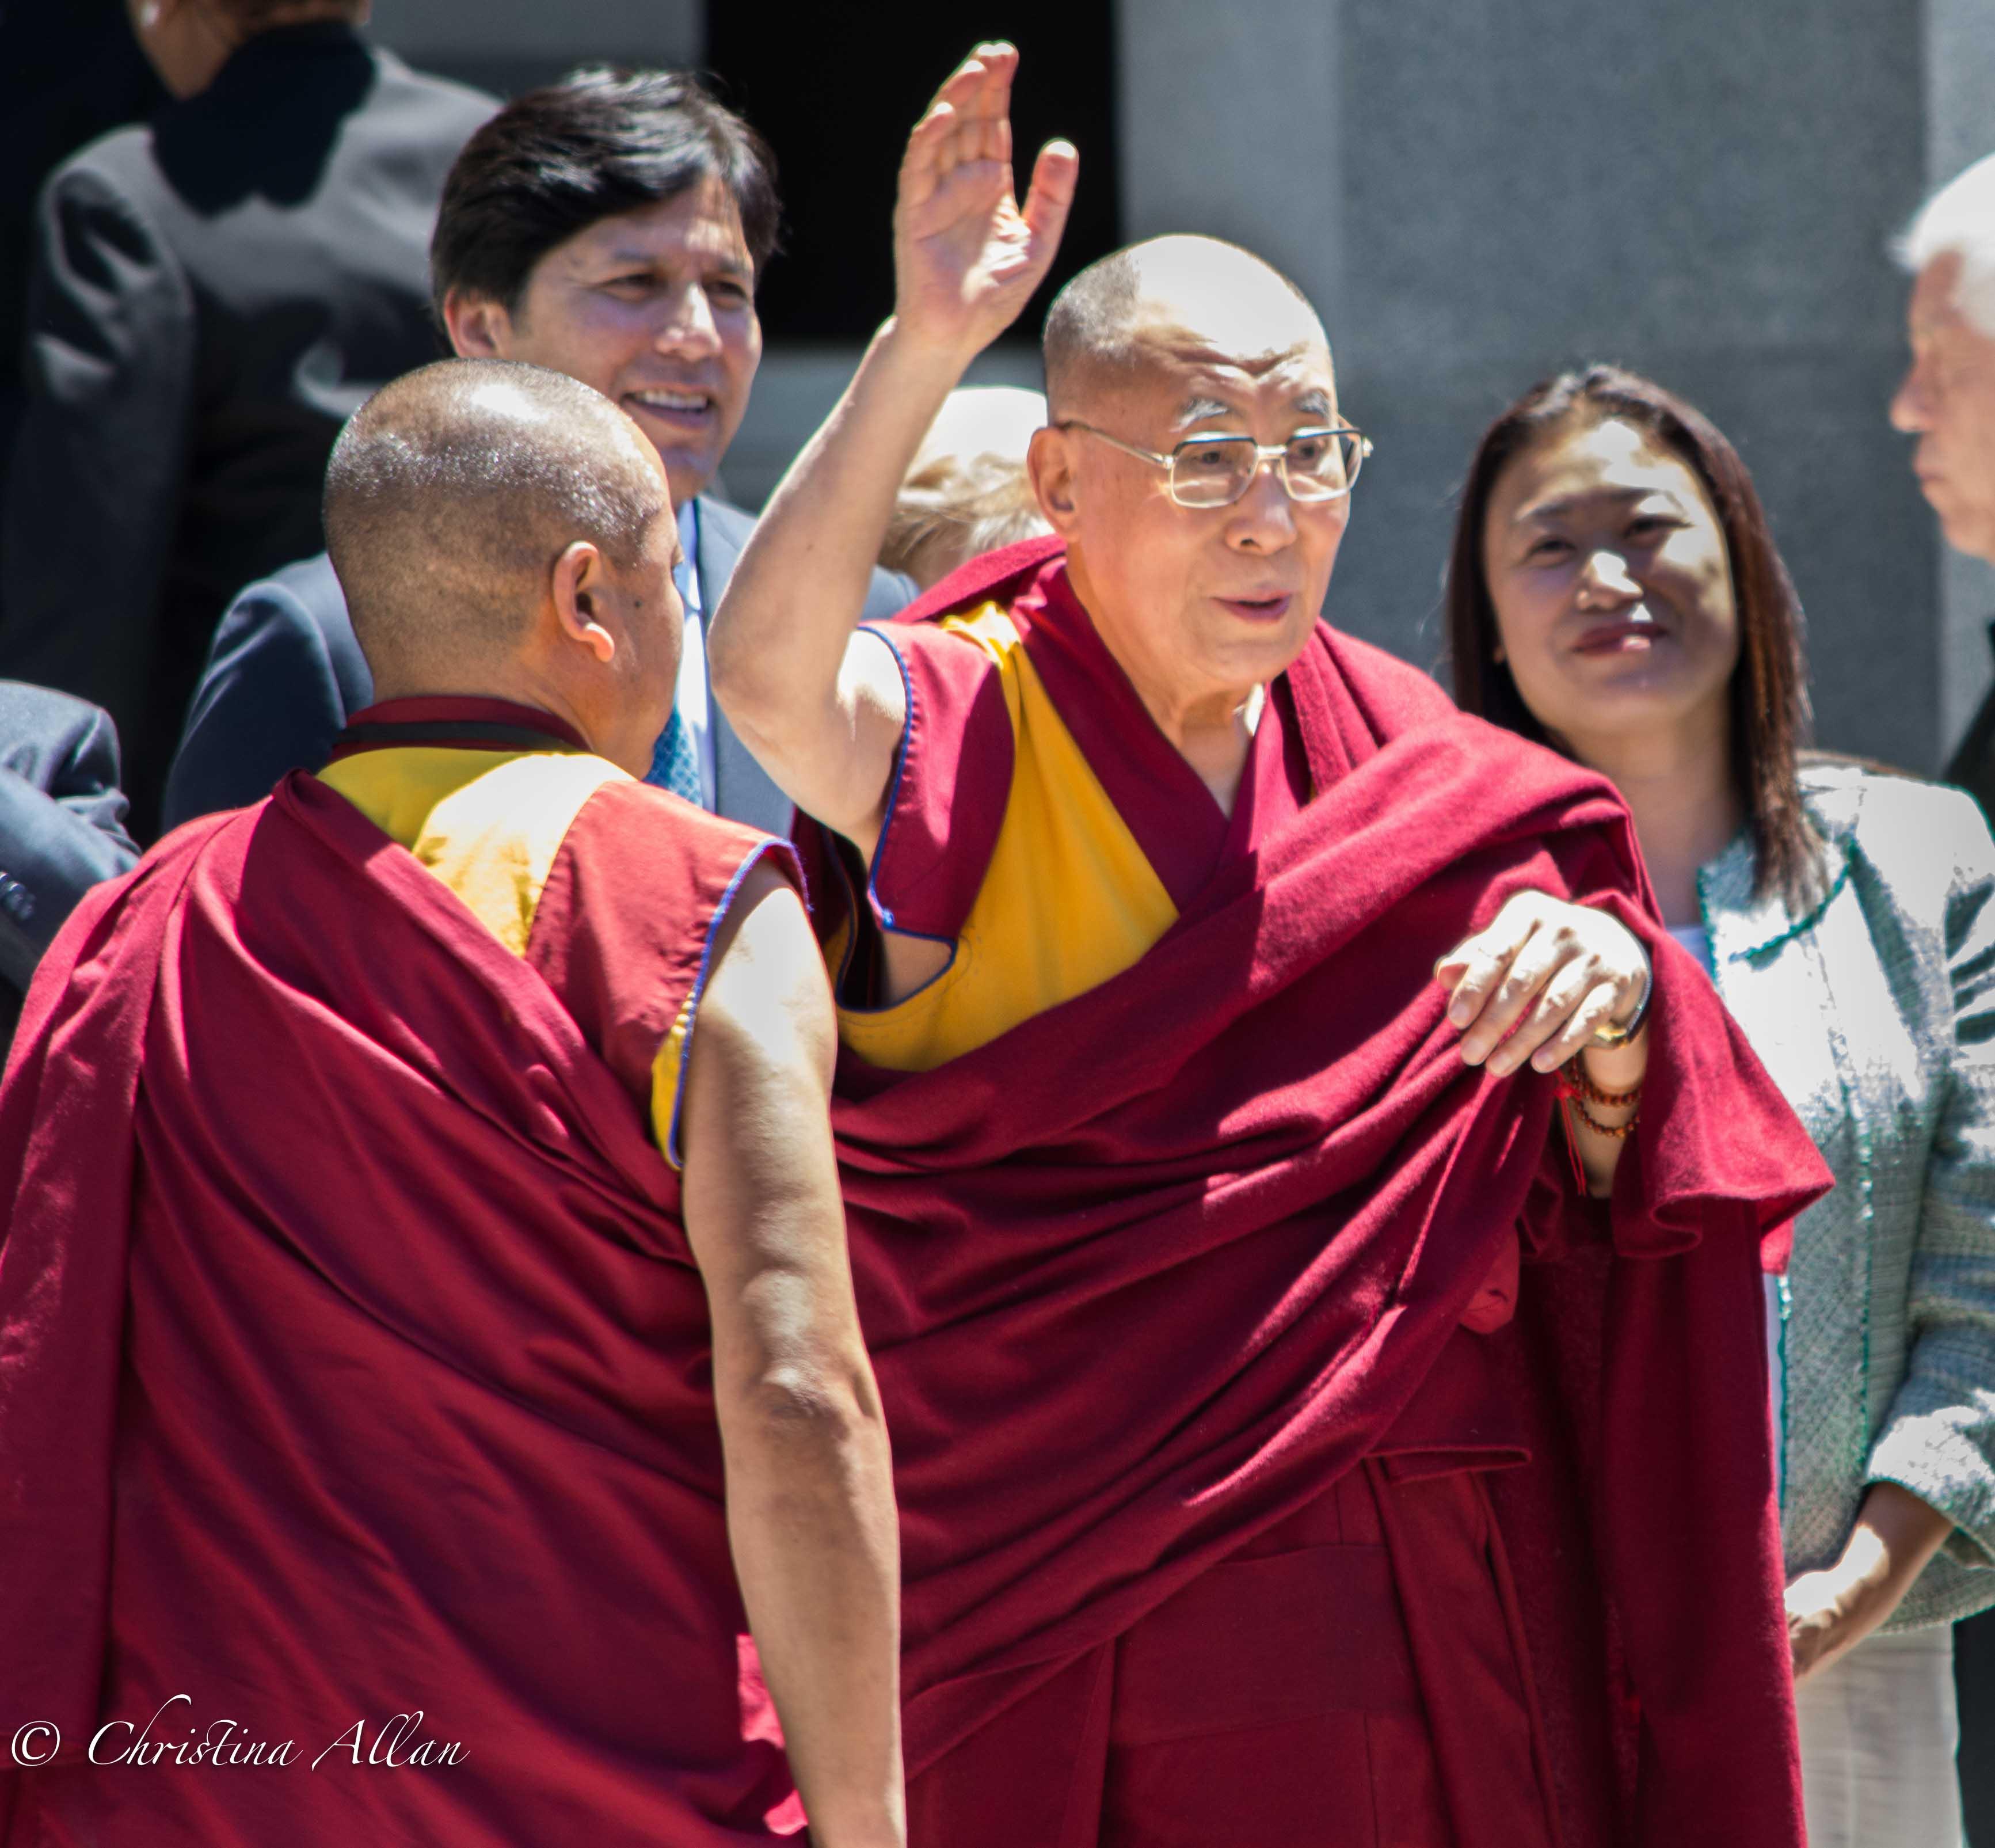 The Dalai Lama Waving at crowd